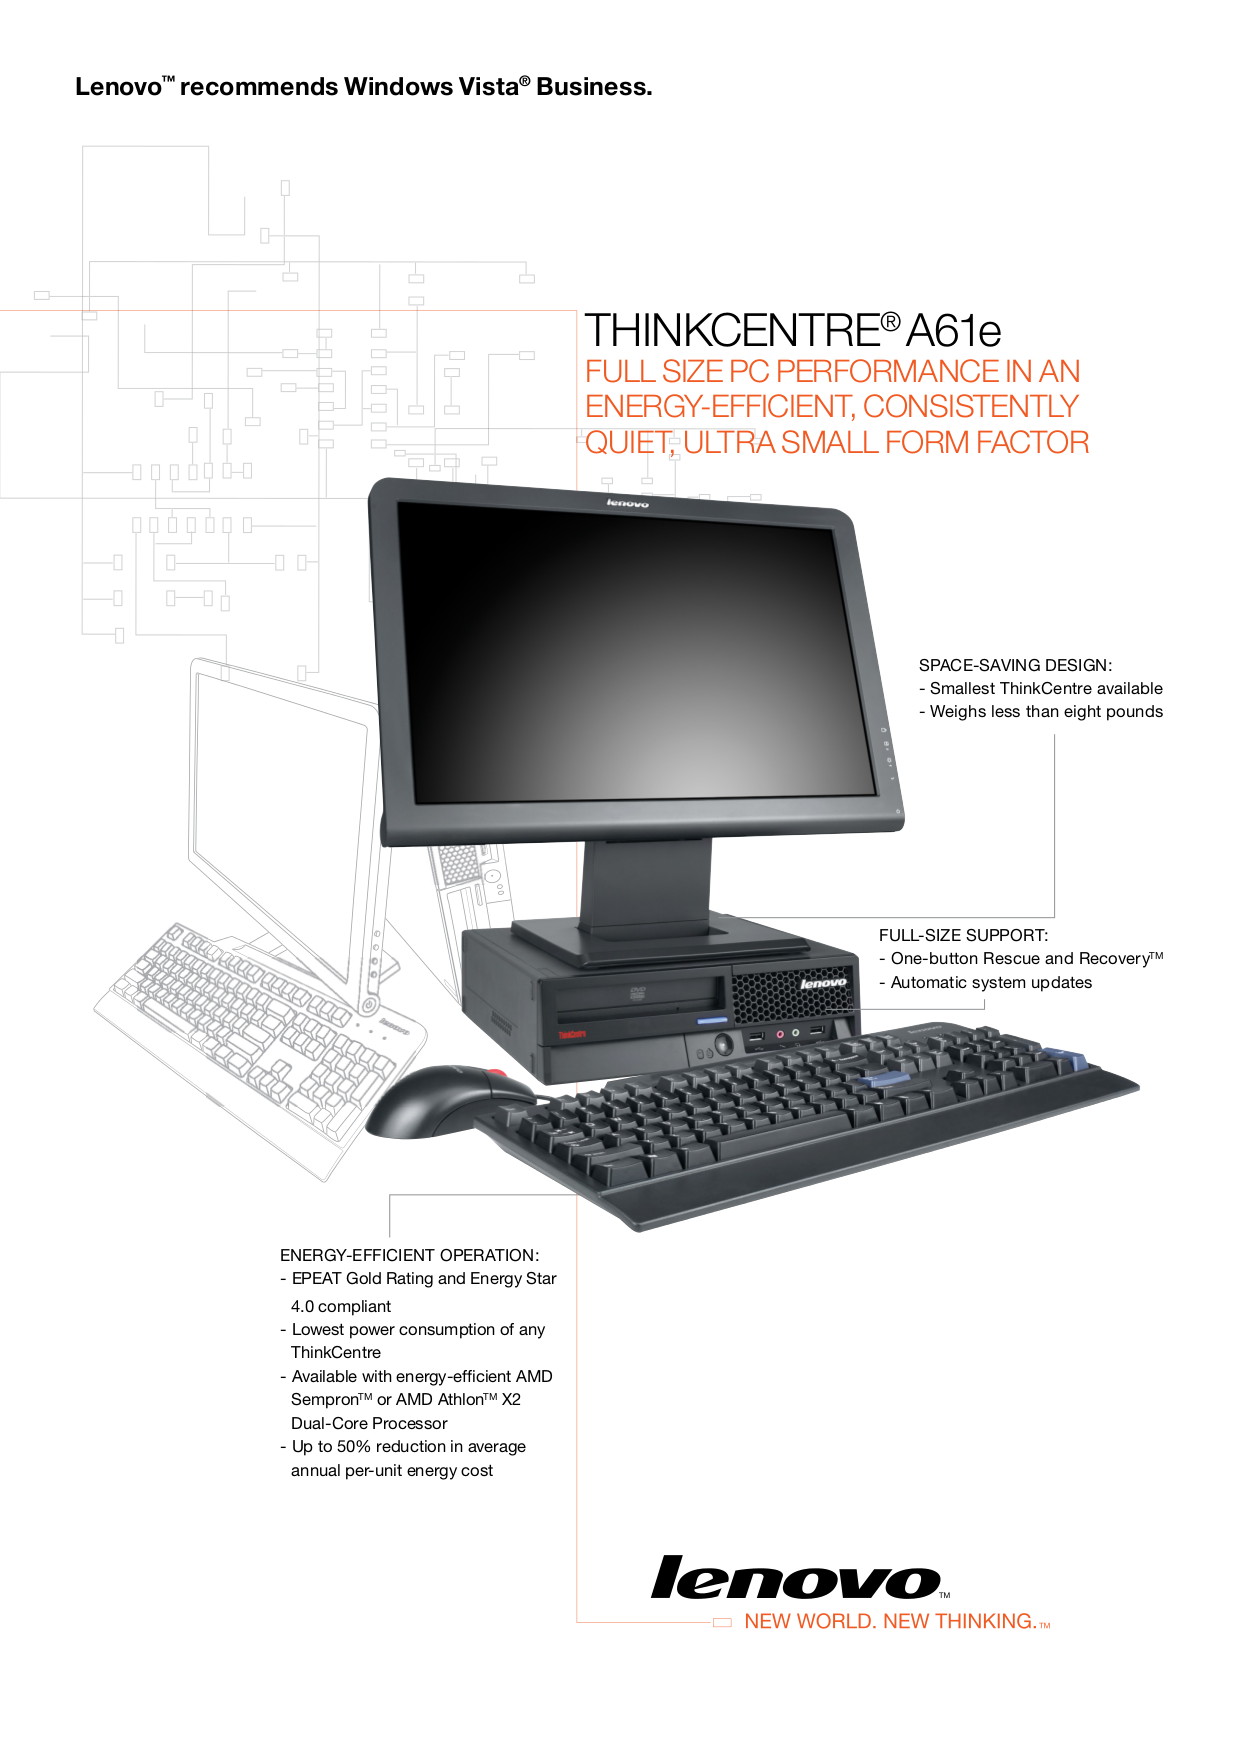 pdf for Lenovo Desktop ThinkCentre A61e 6418 manual